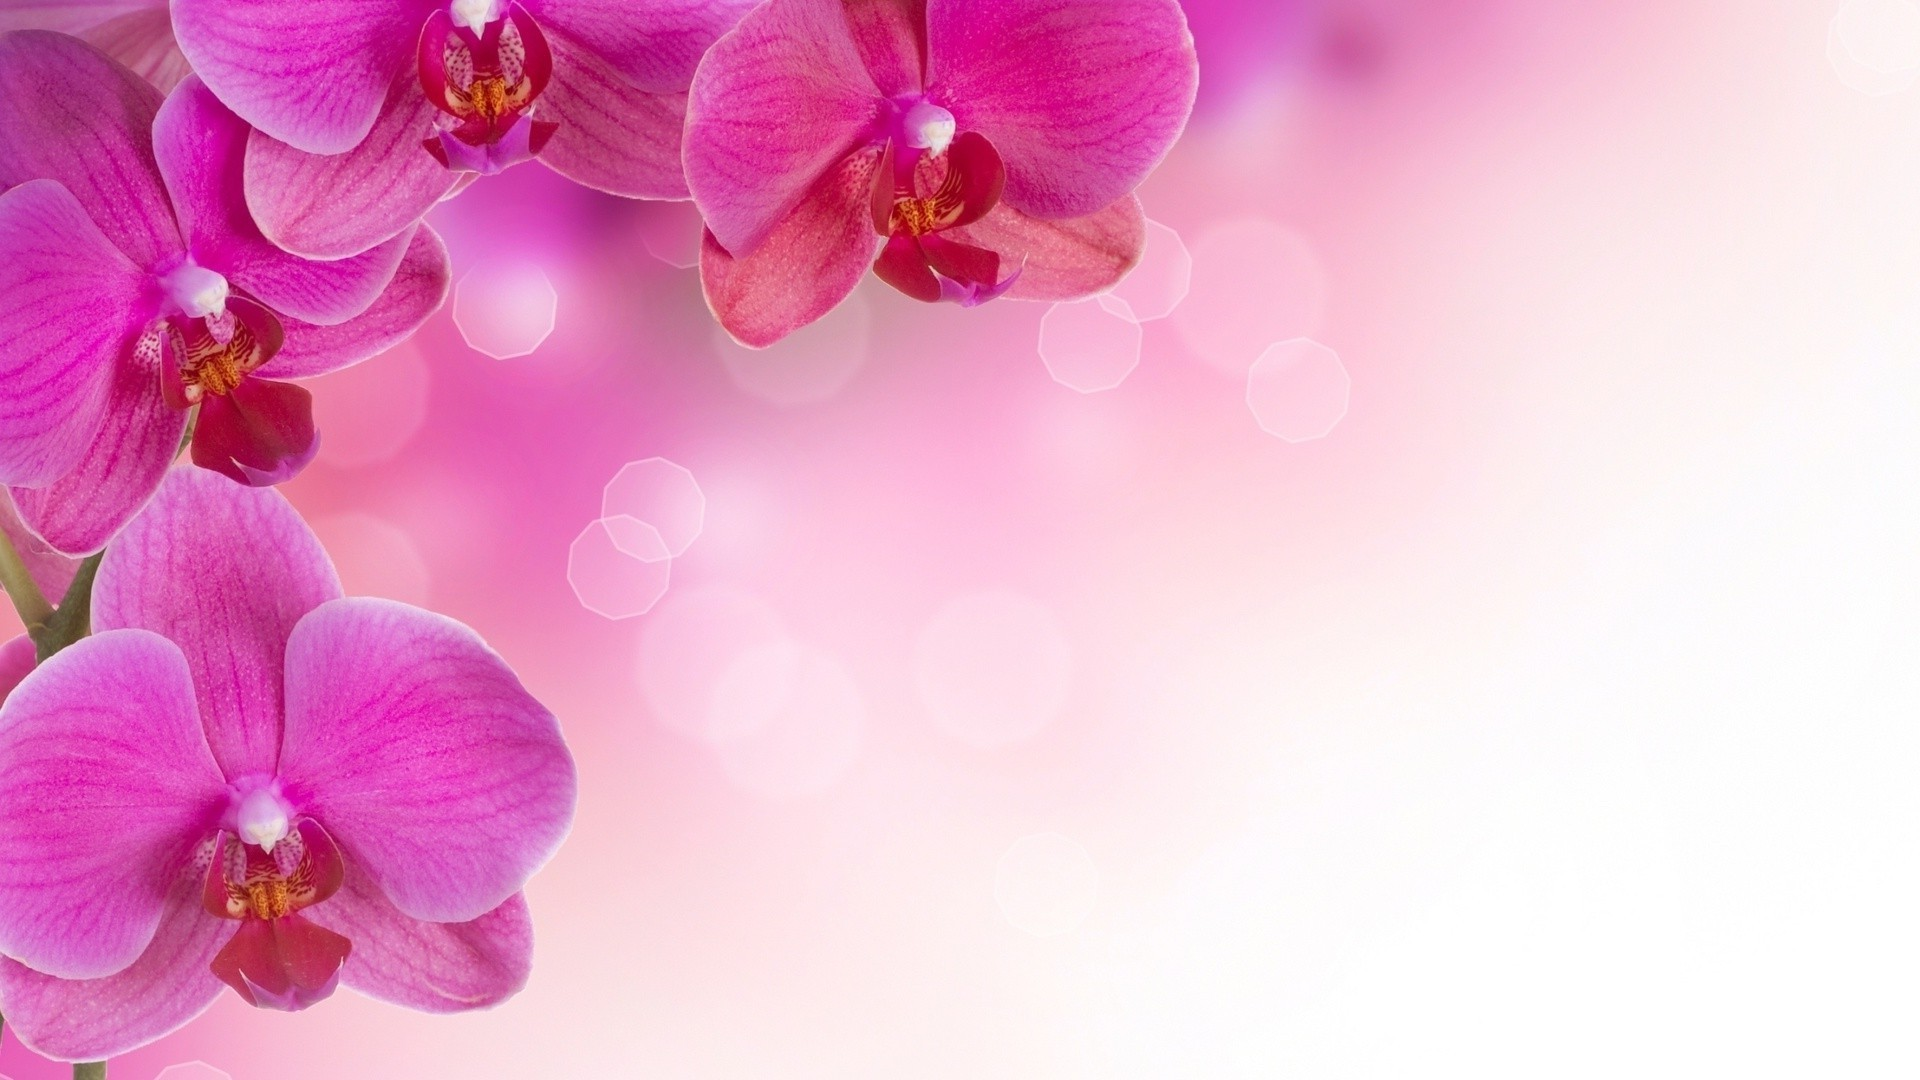 поздравление с днем рождения на визитке с цветами